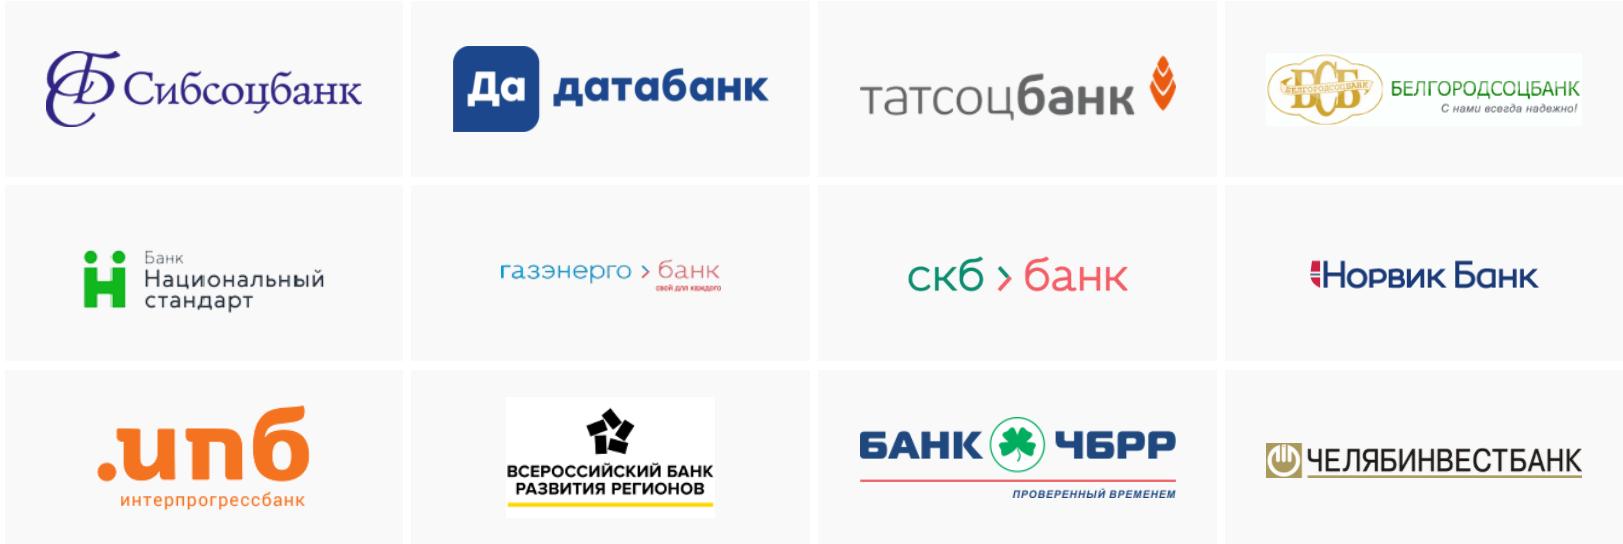 Банки участники мирпэй 4